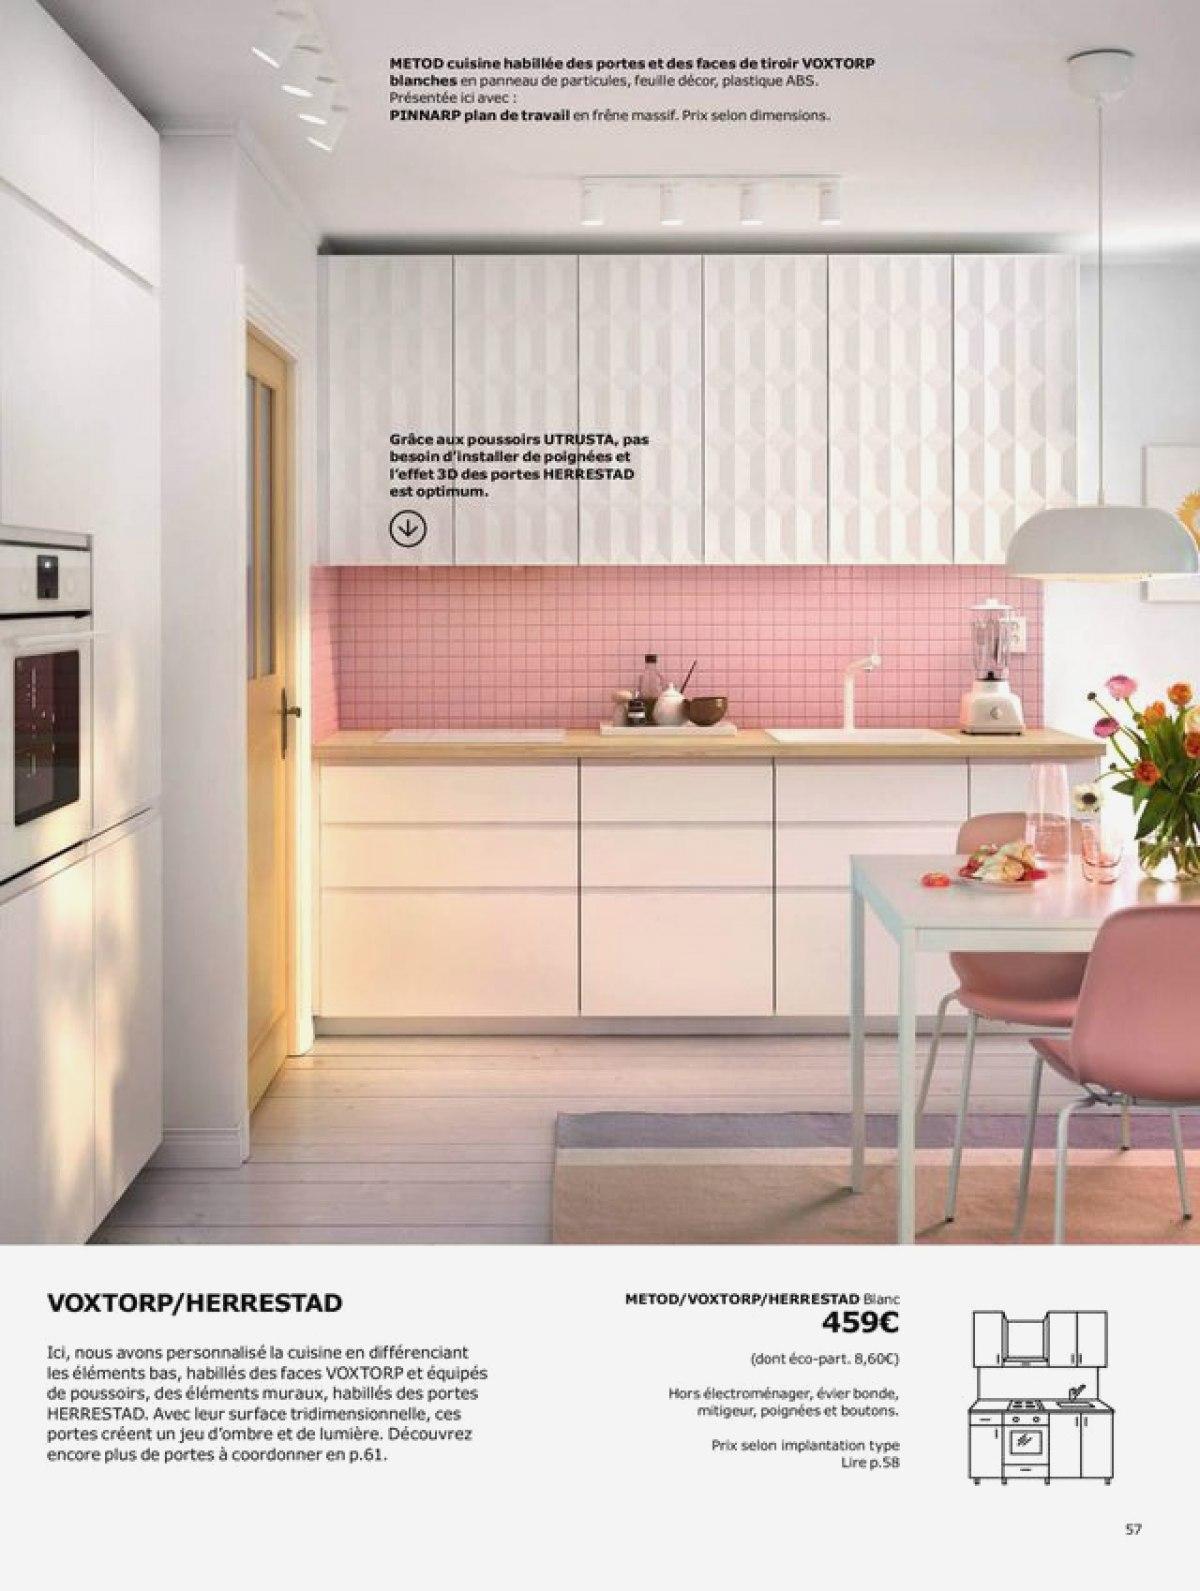 Cuisine Ikea Ringhult Blanc Brillant Avis Unique Images Cuisine Voxtorp Blanc Elegant Ikea Cuisine Modele Varde Idée De Mod